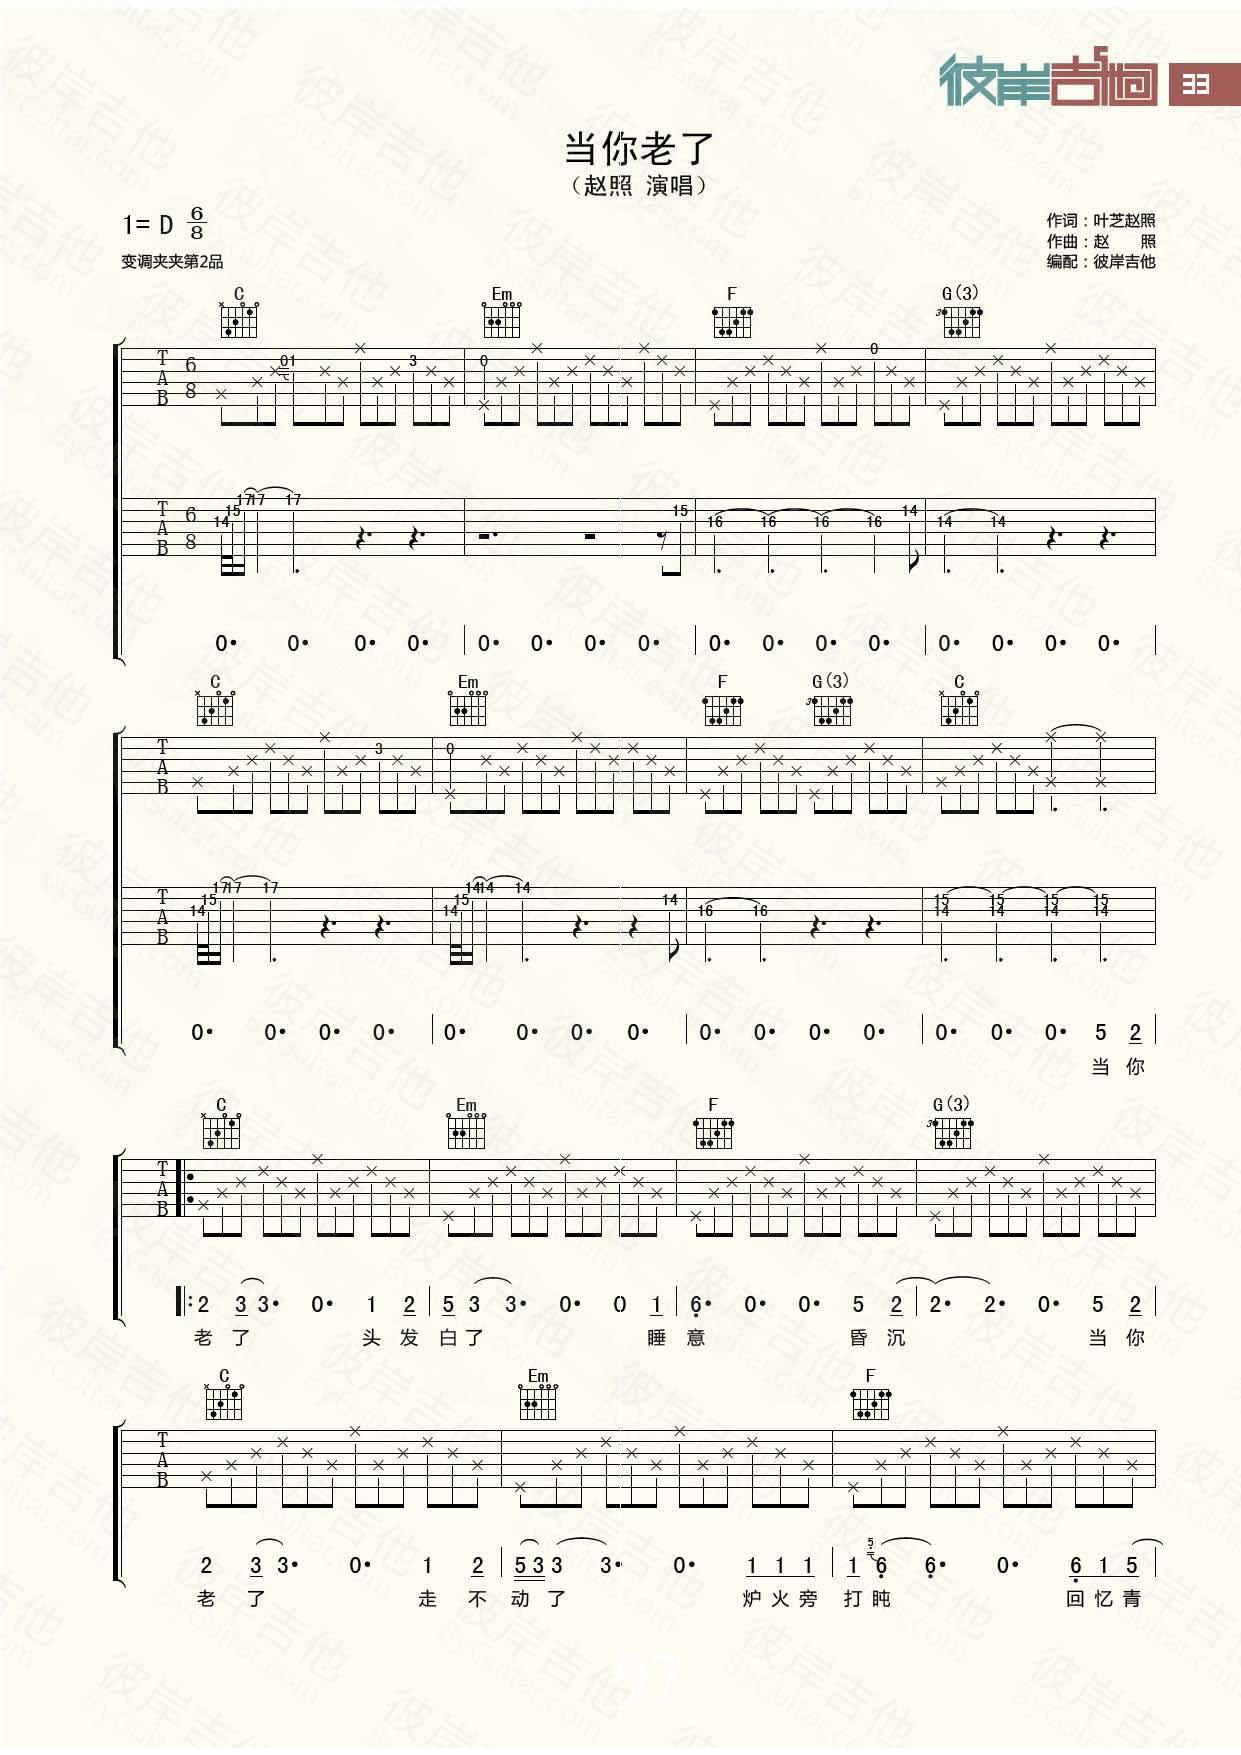 当你老了的吉他谱 - 彼岸吉他中国第一吉他网络杂志图片